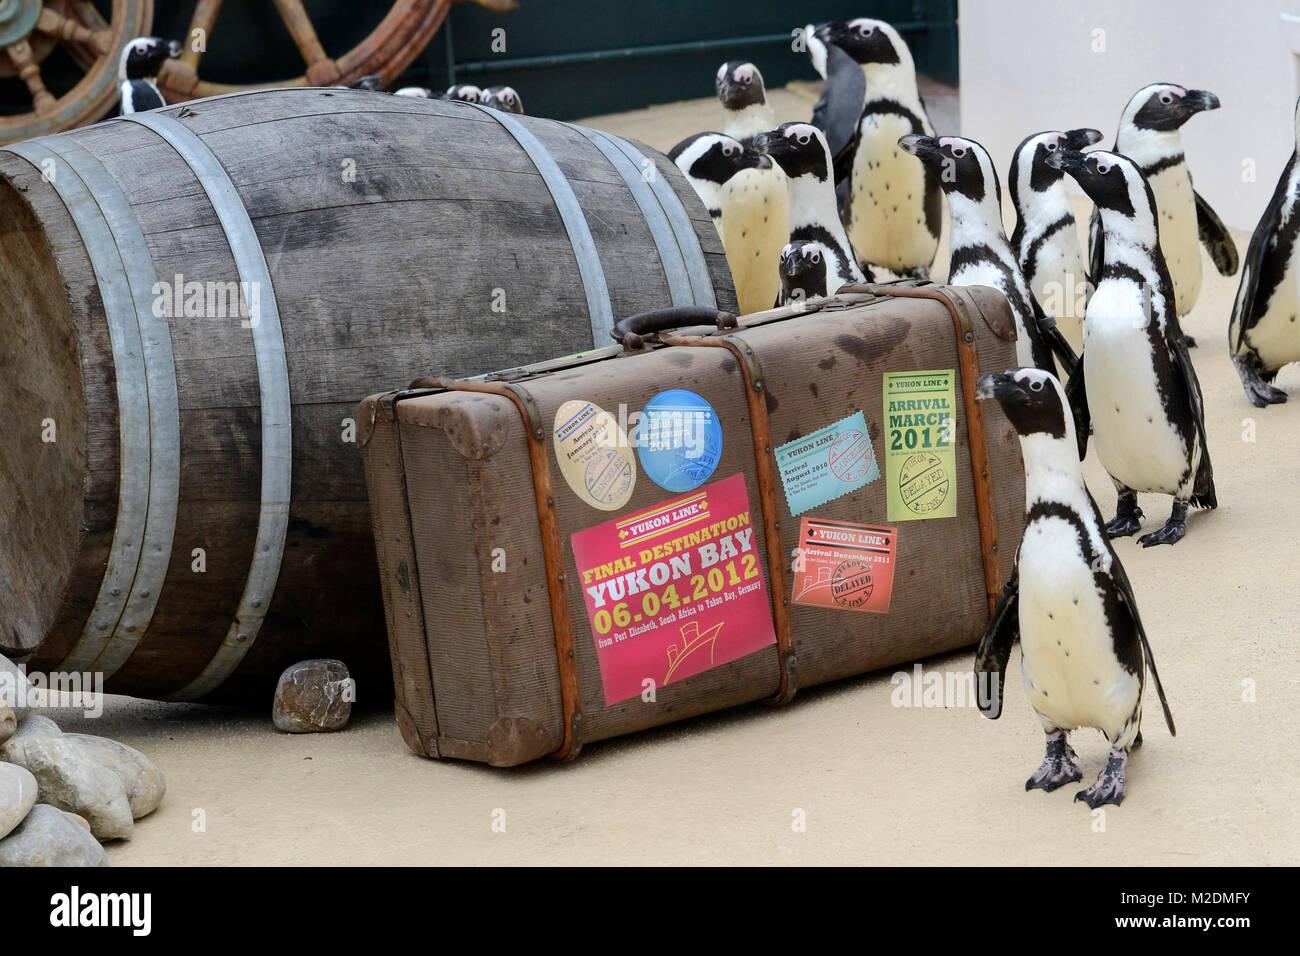 Die Brillenpinguine erkunden ihr neues Revier  bei der Saison-Eroeffnung im Zoo Hannover  am 06.04.2012 Stock Photo